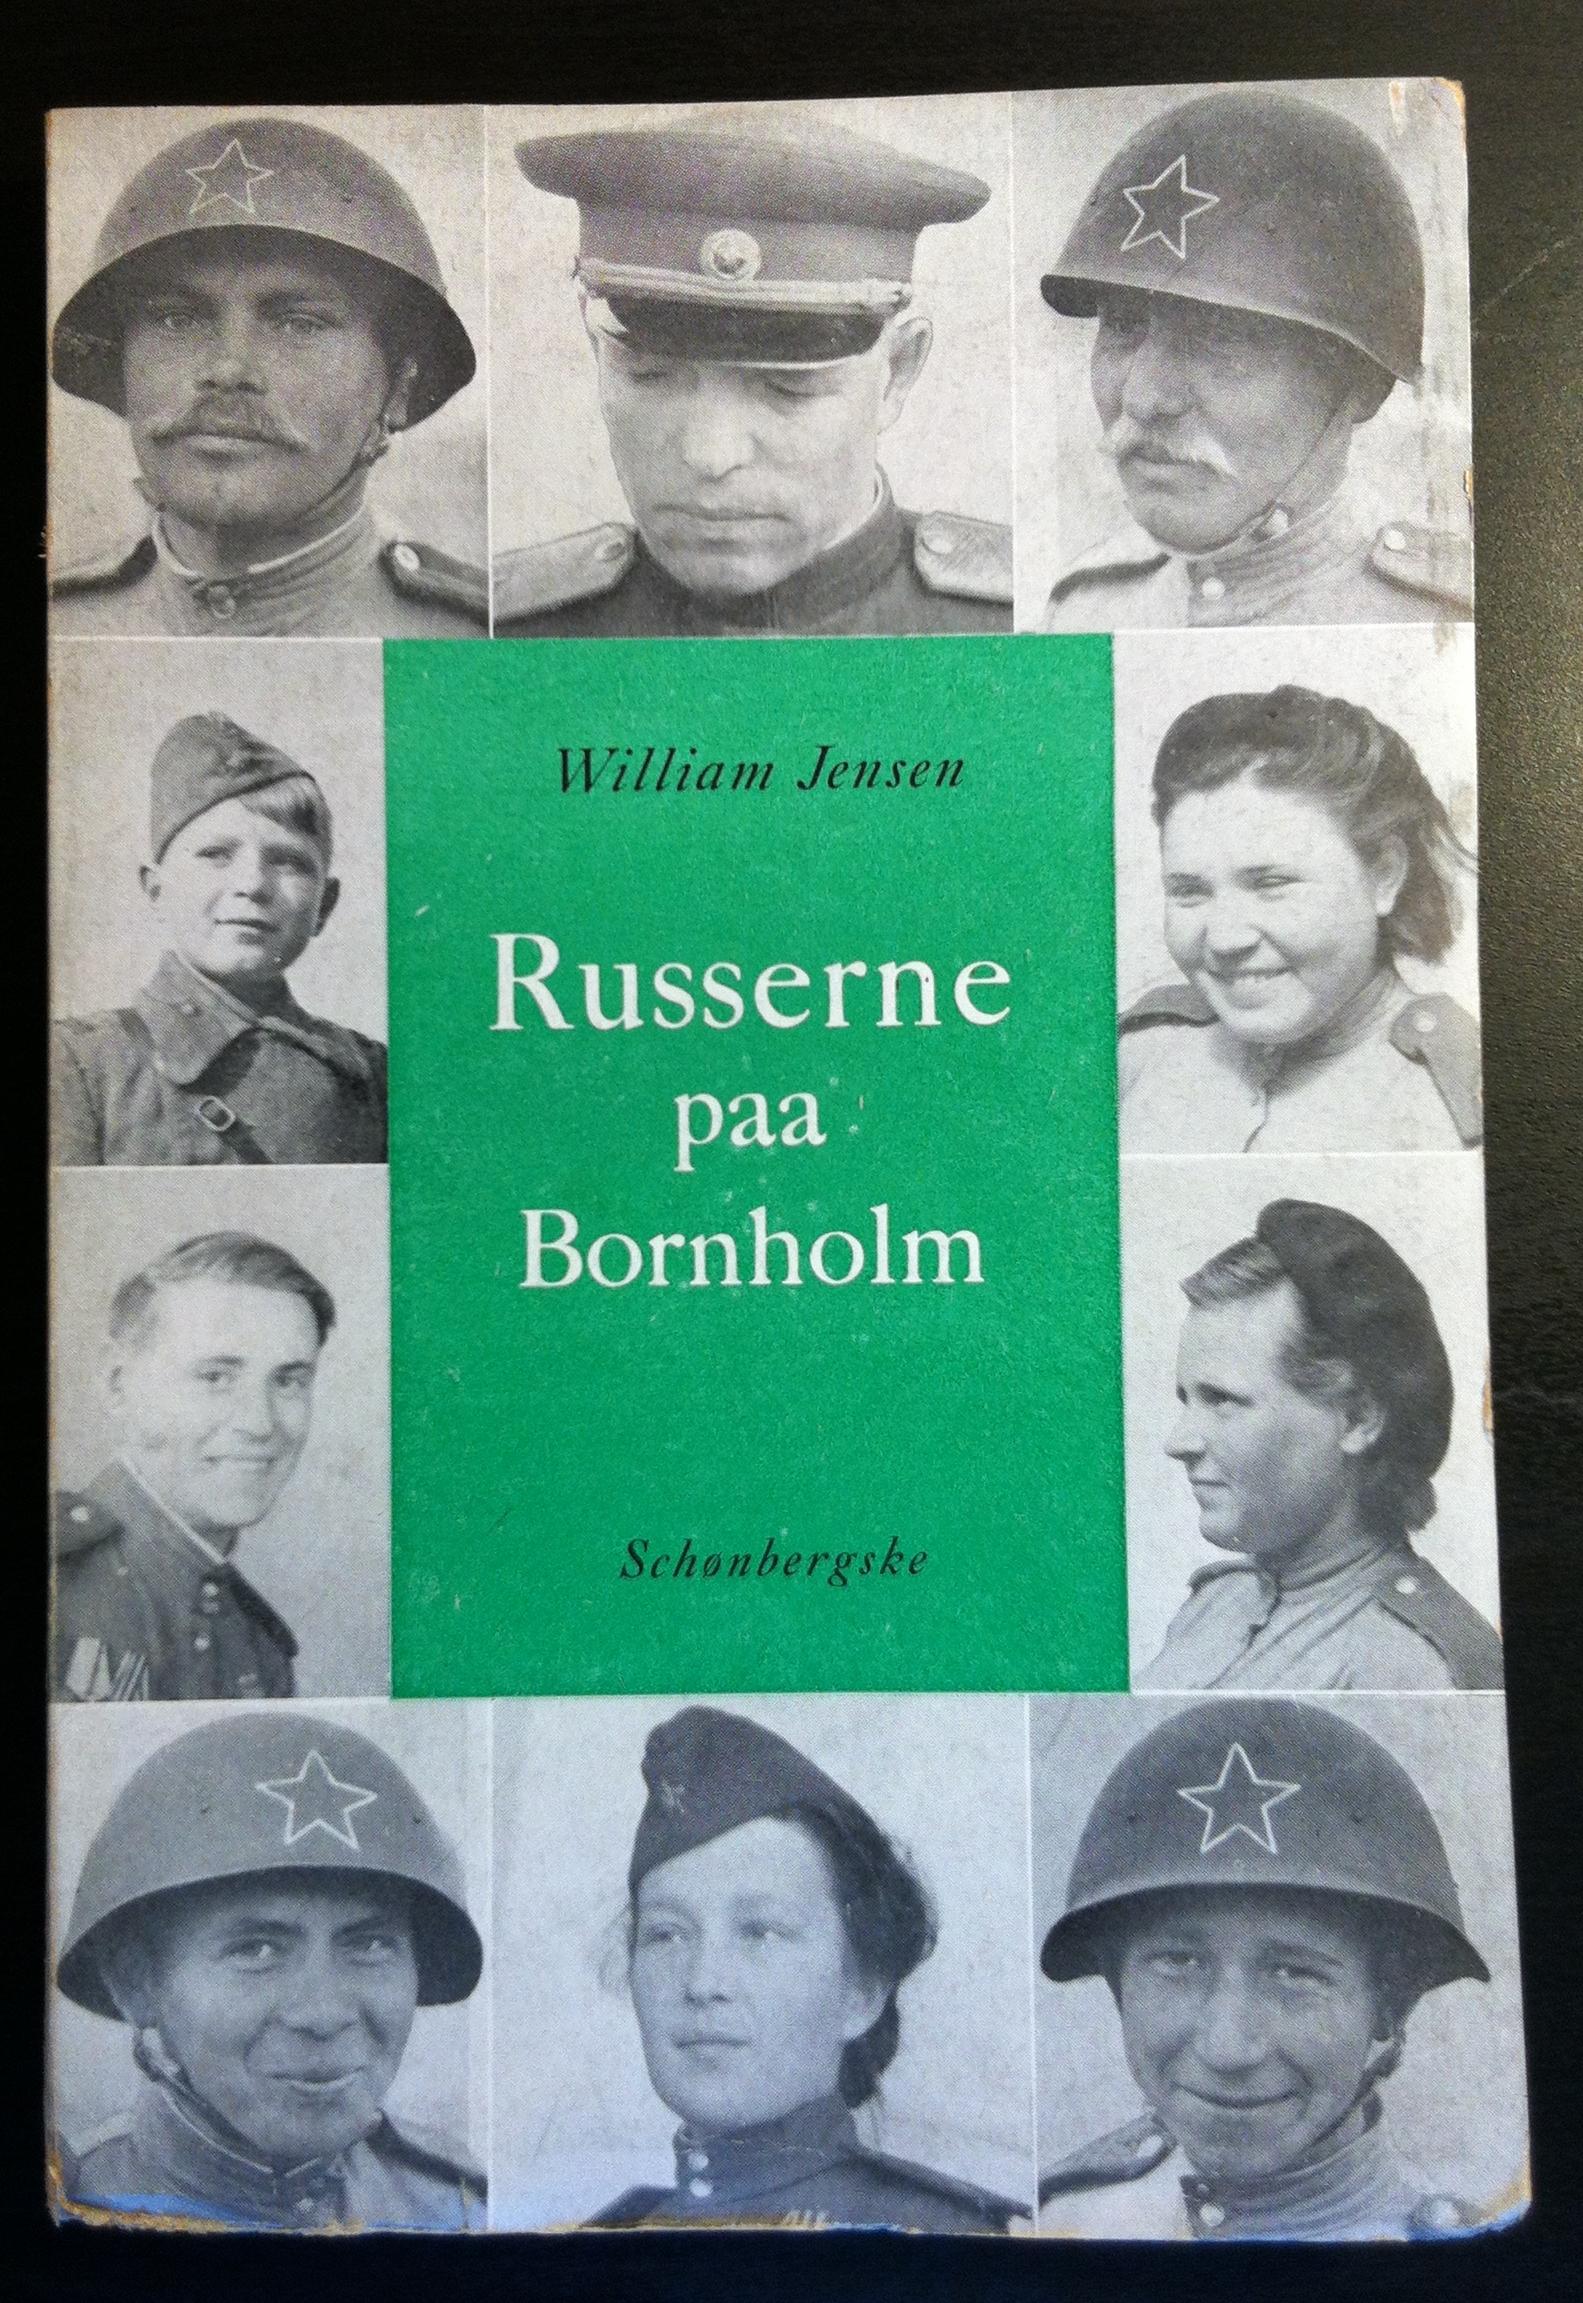 Russerne på Bornholm